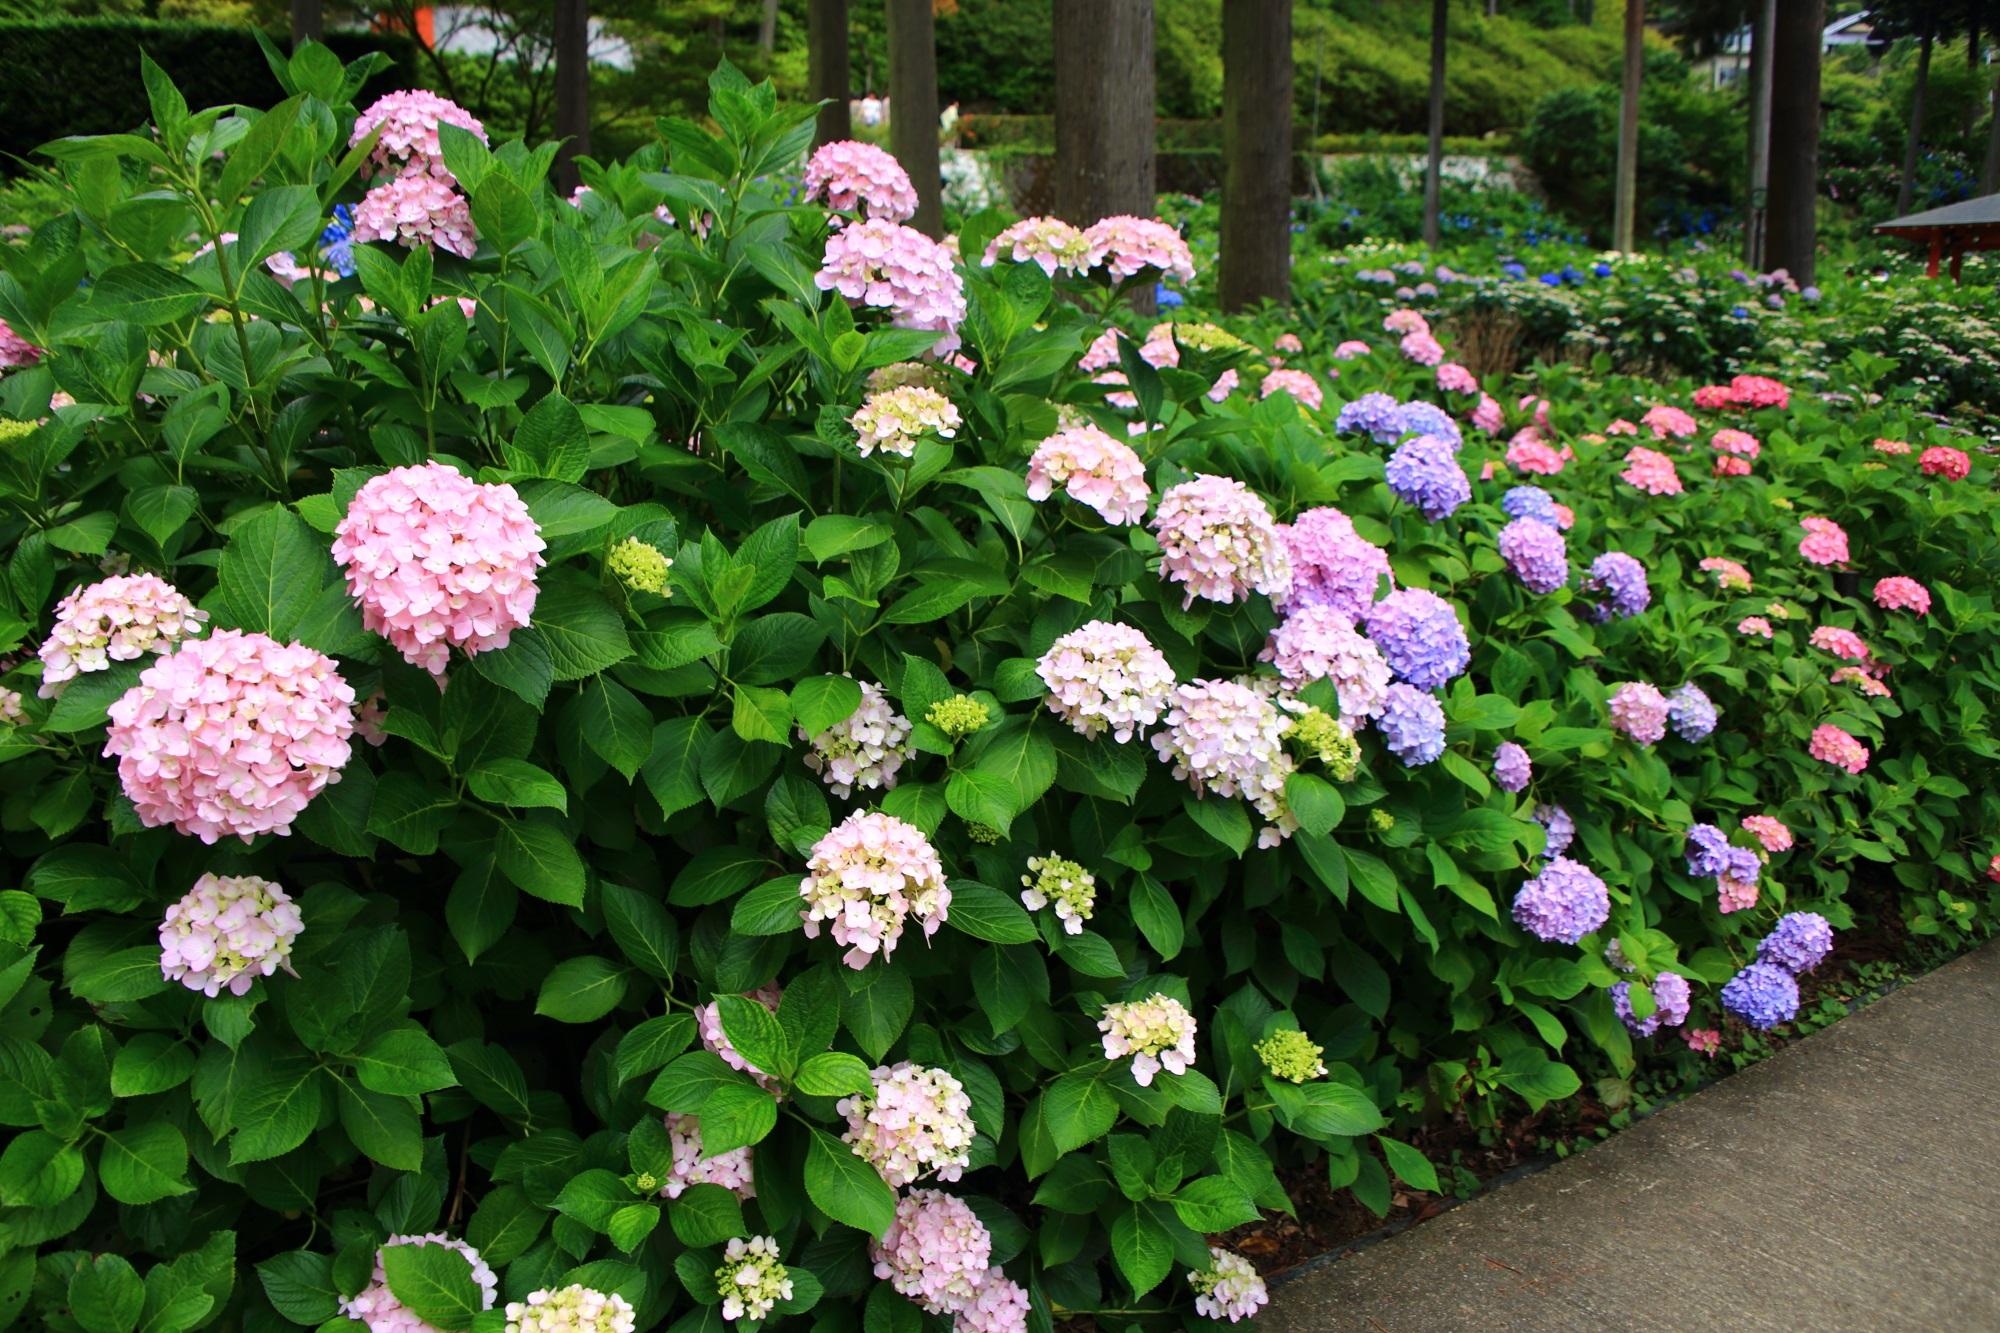 三室戸寺のあじさい園の出口付近の色とりどりの紫陽花